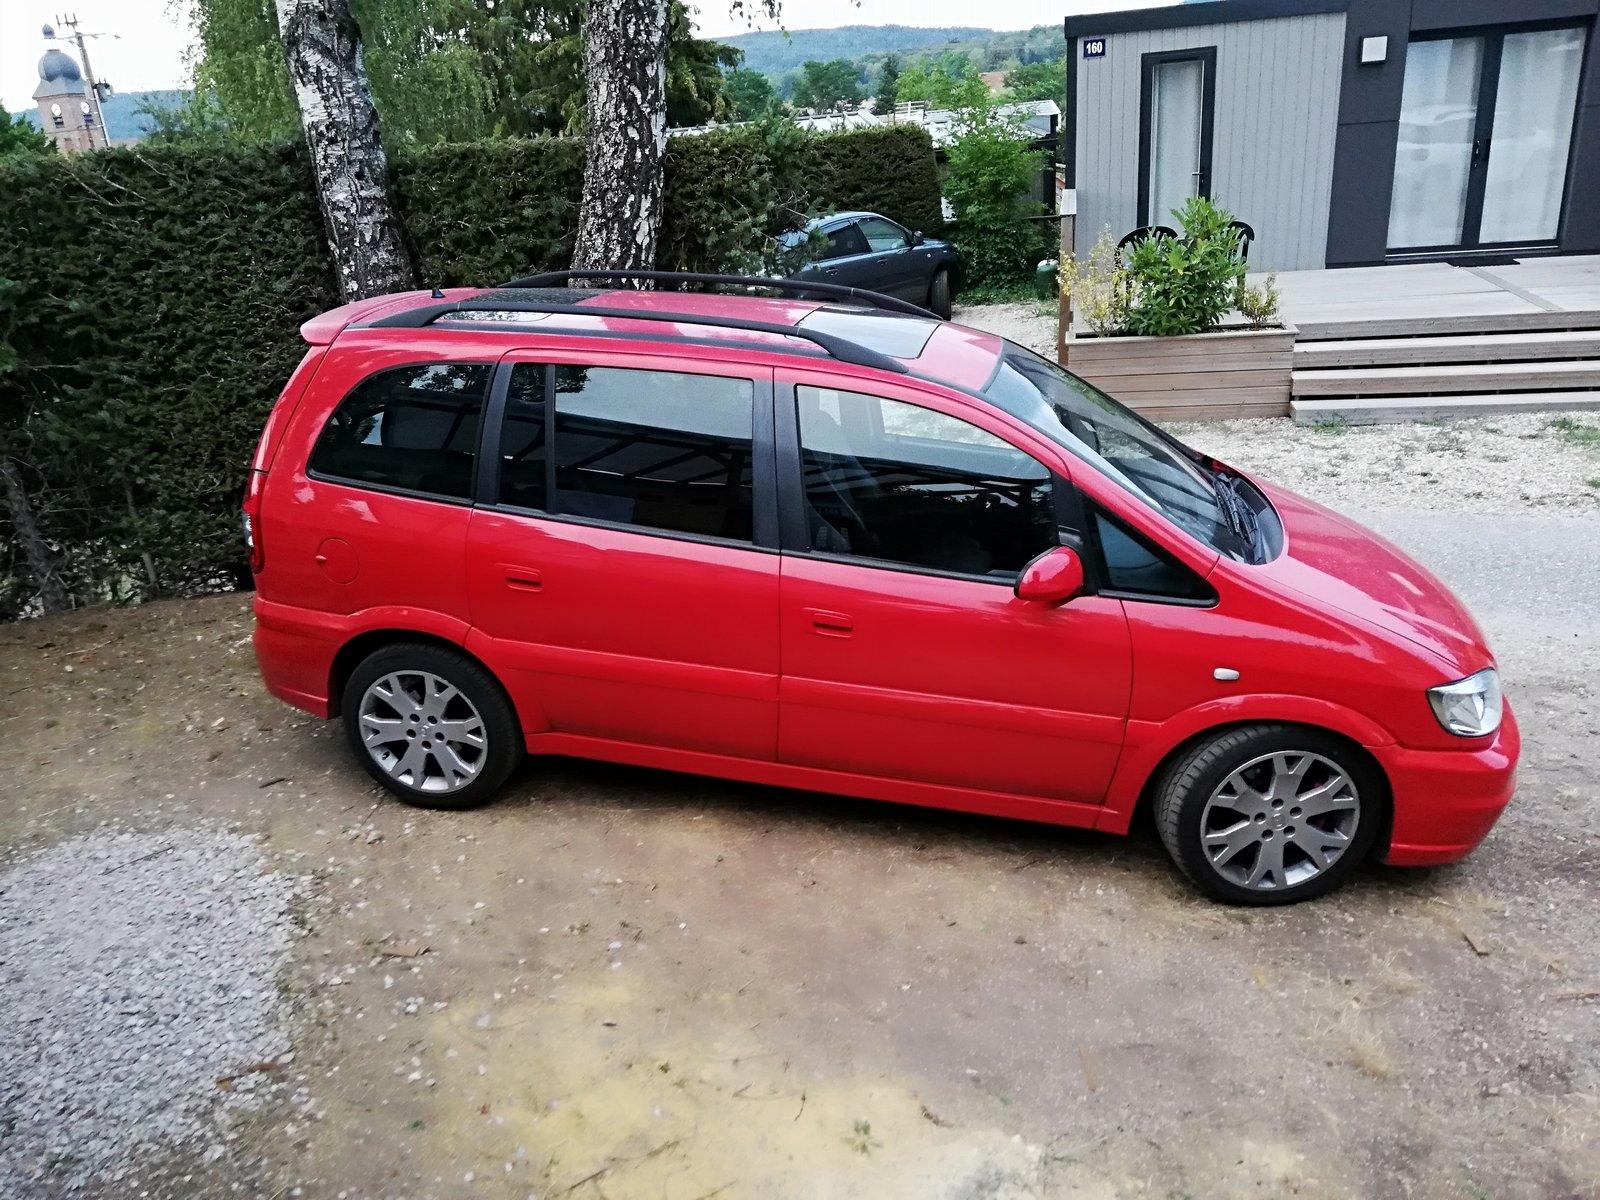 Zafira A OPC rouge 2003 {Opel67} - Page 3 200814122010590614